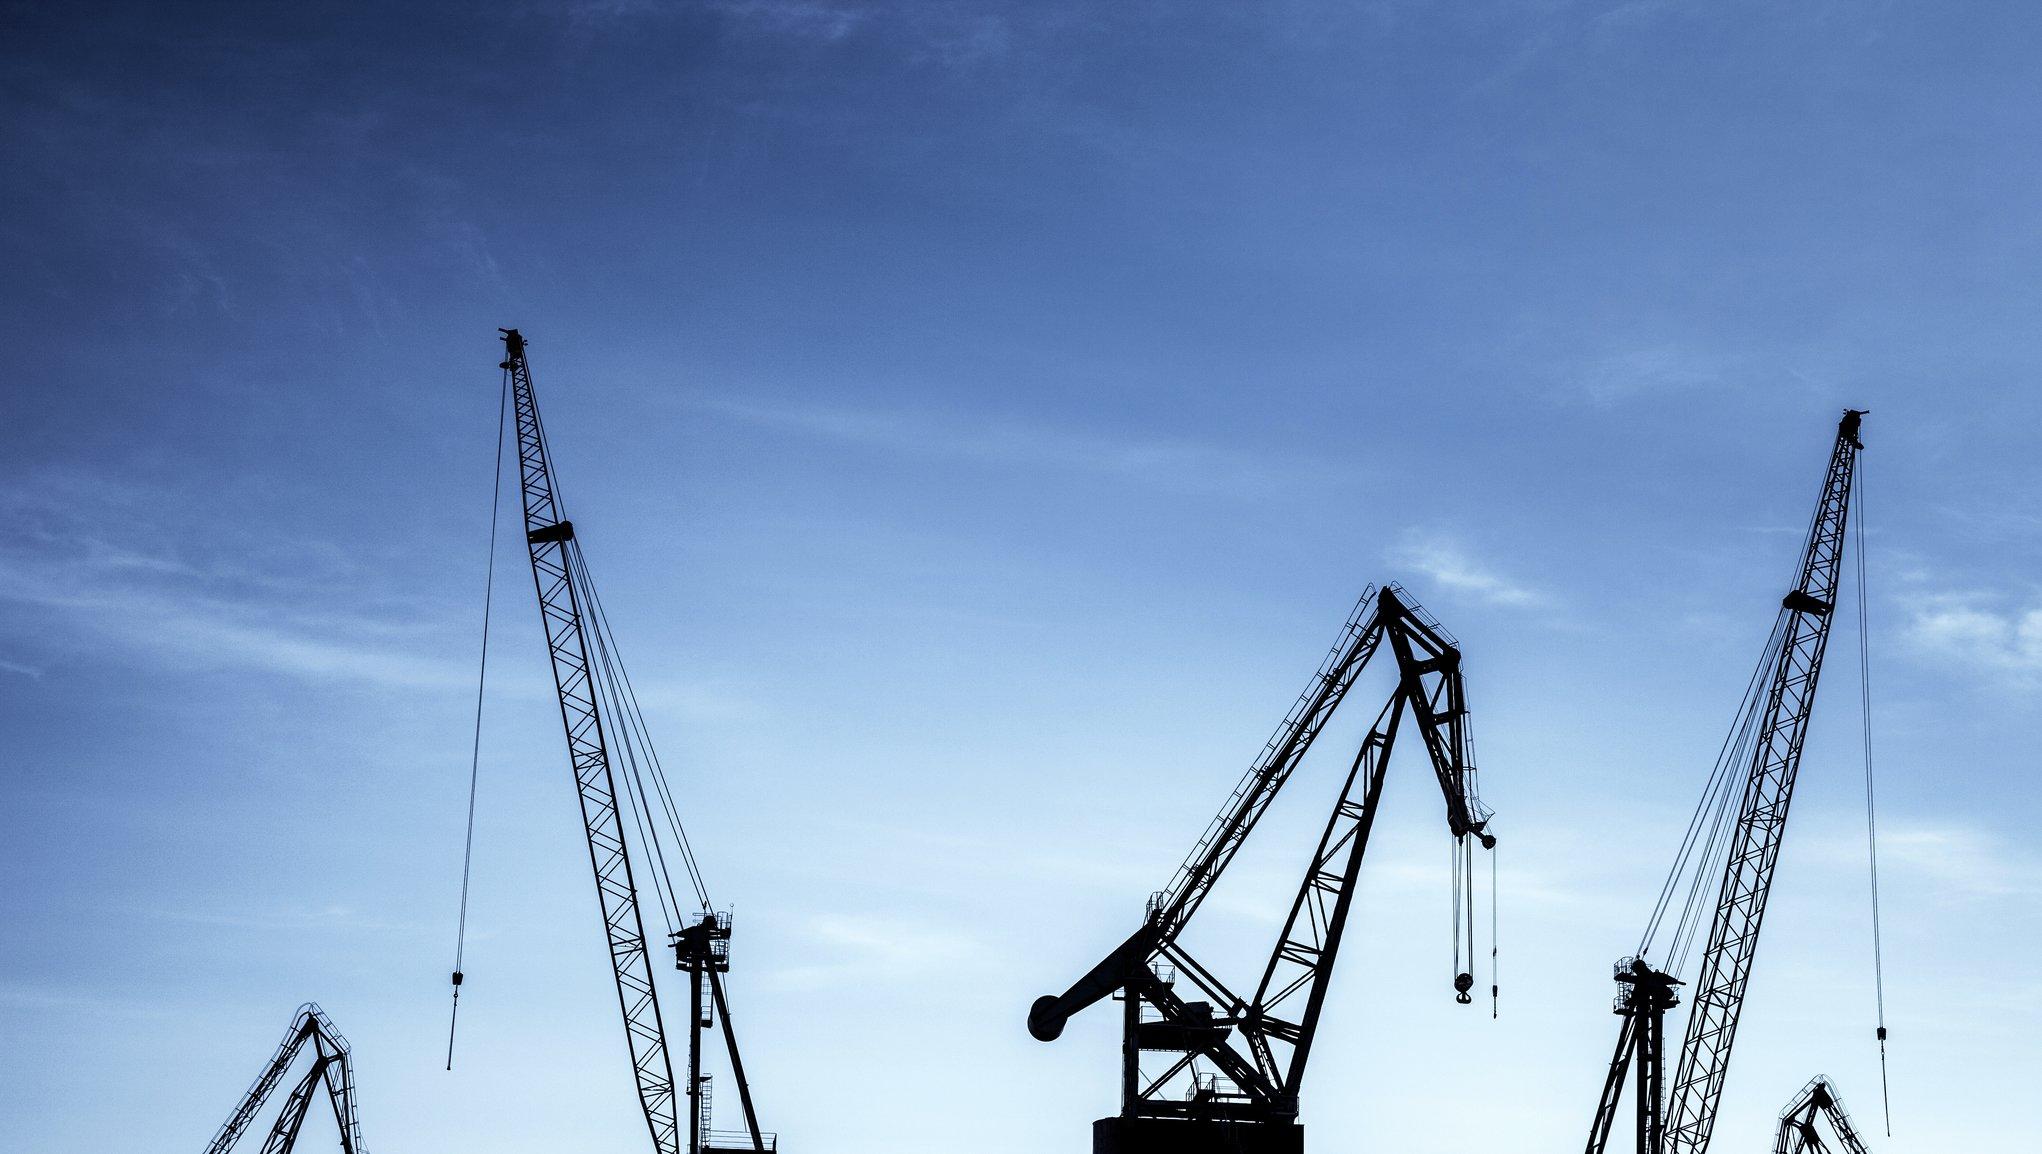 Transportforsikring Havnekraner med blå himmel i bakgrunnen